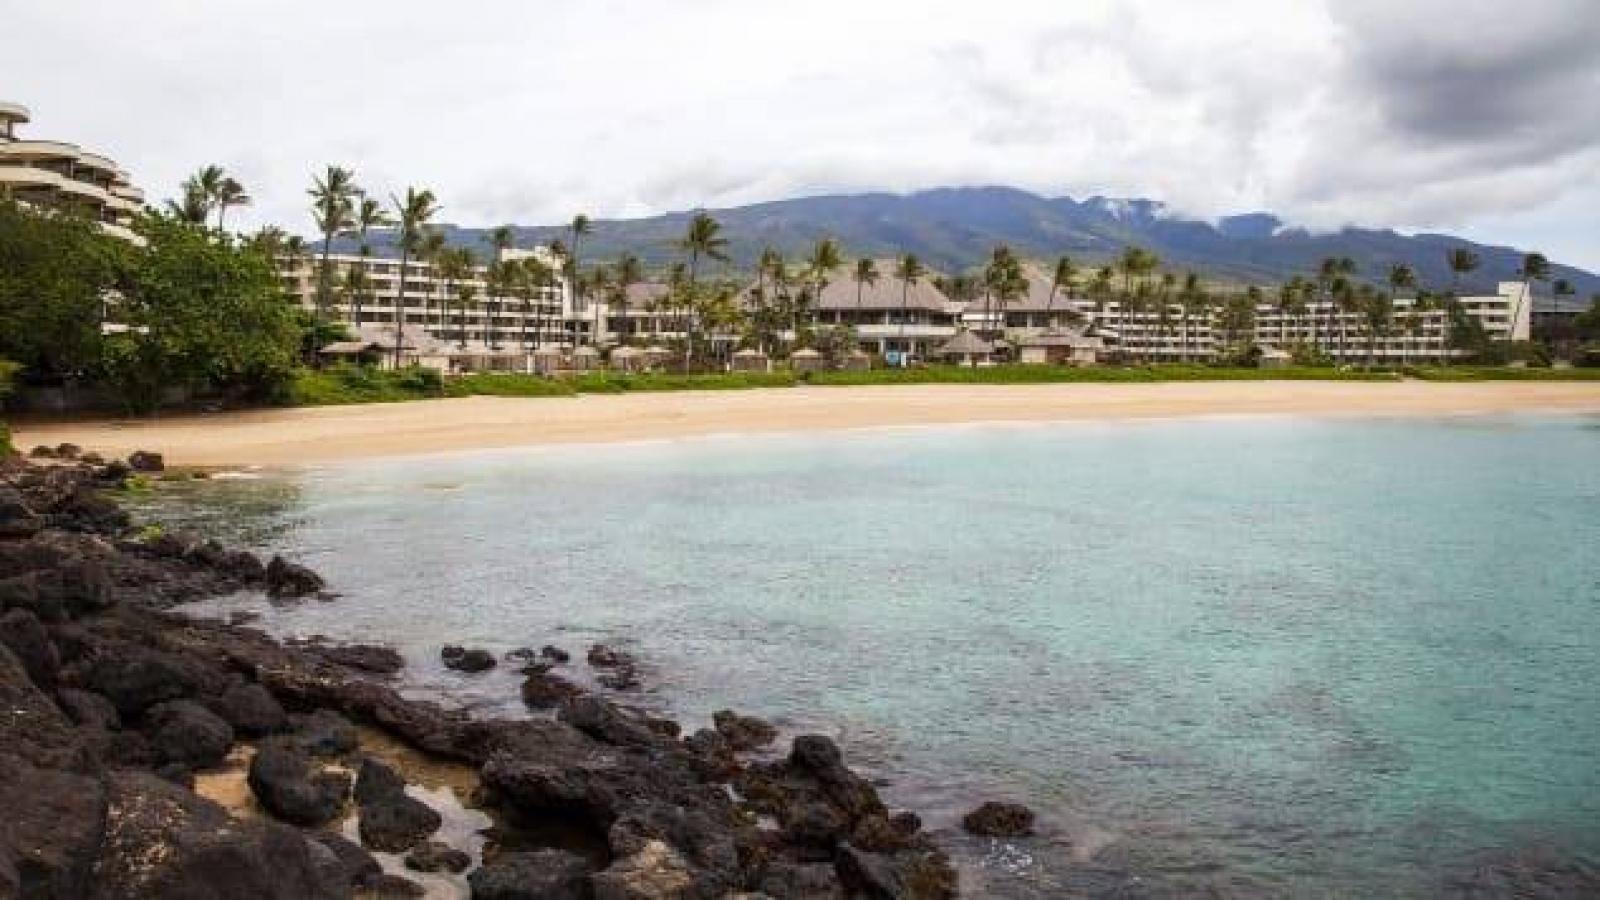 Vi phạm cách ly tại Hawaii, cặp vợ chồng hưởng tuần trăng mật trong tù